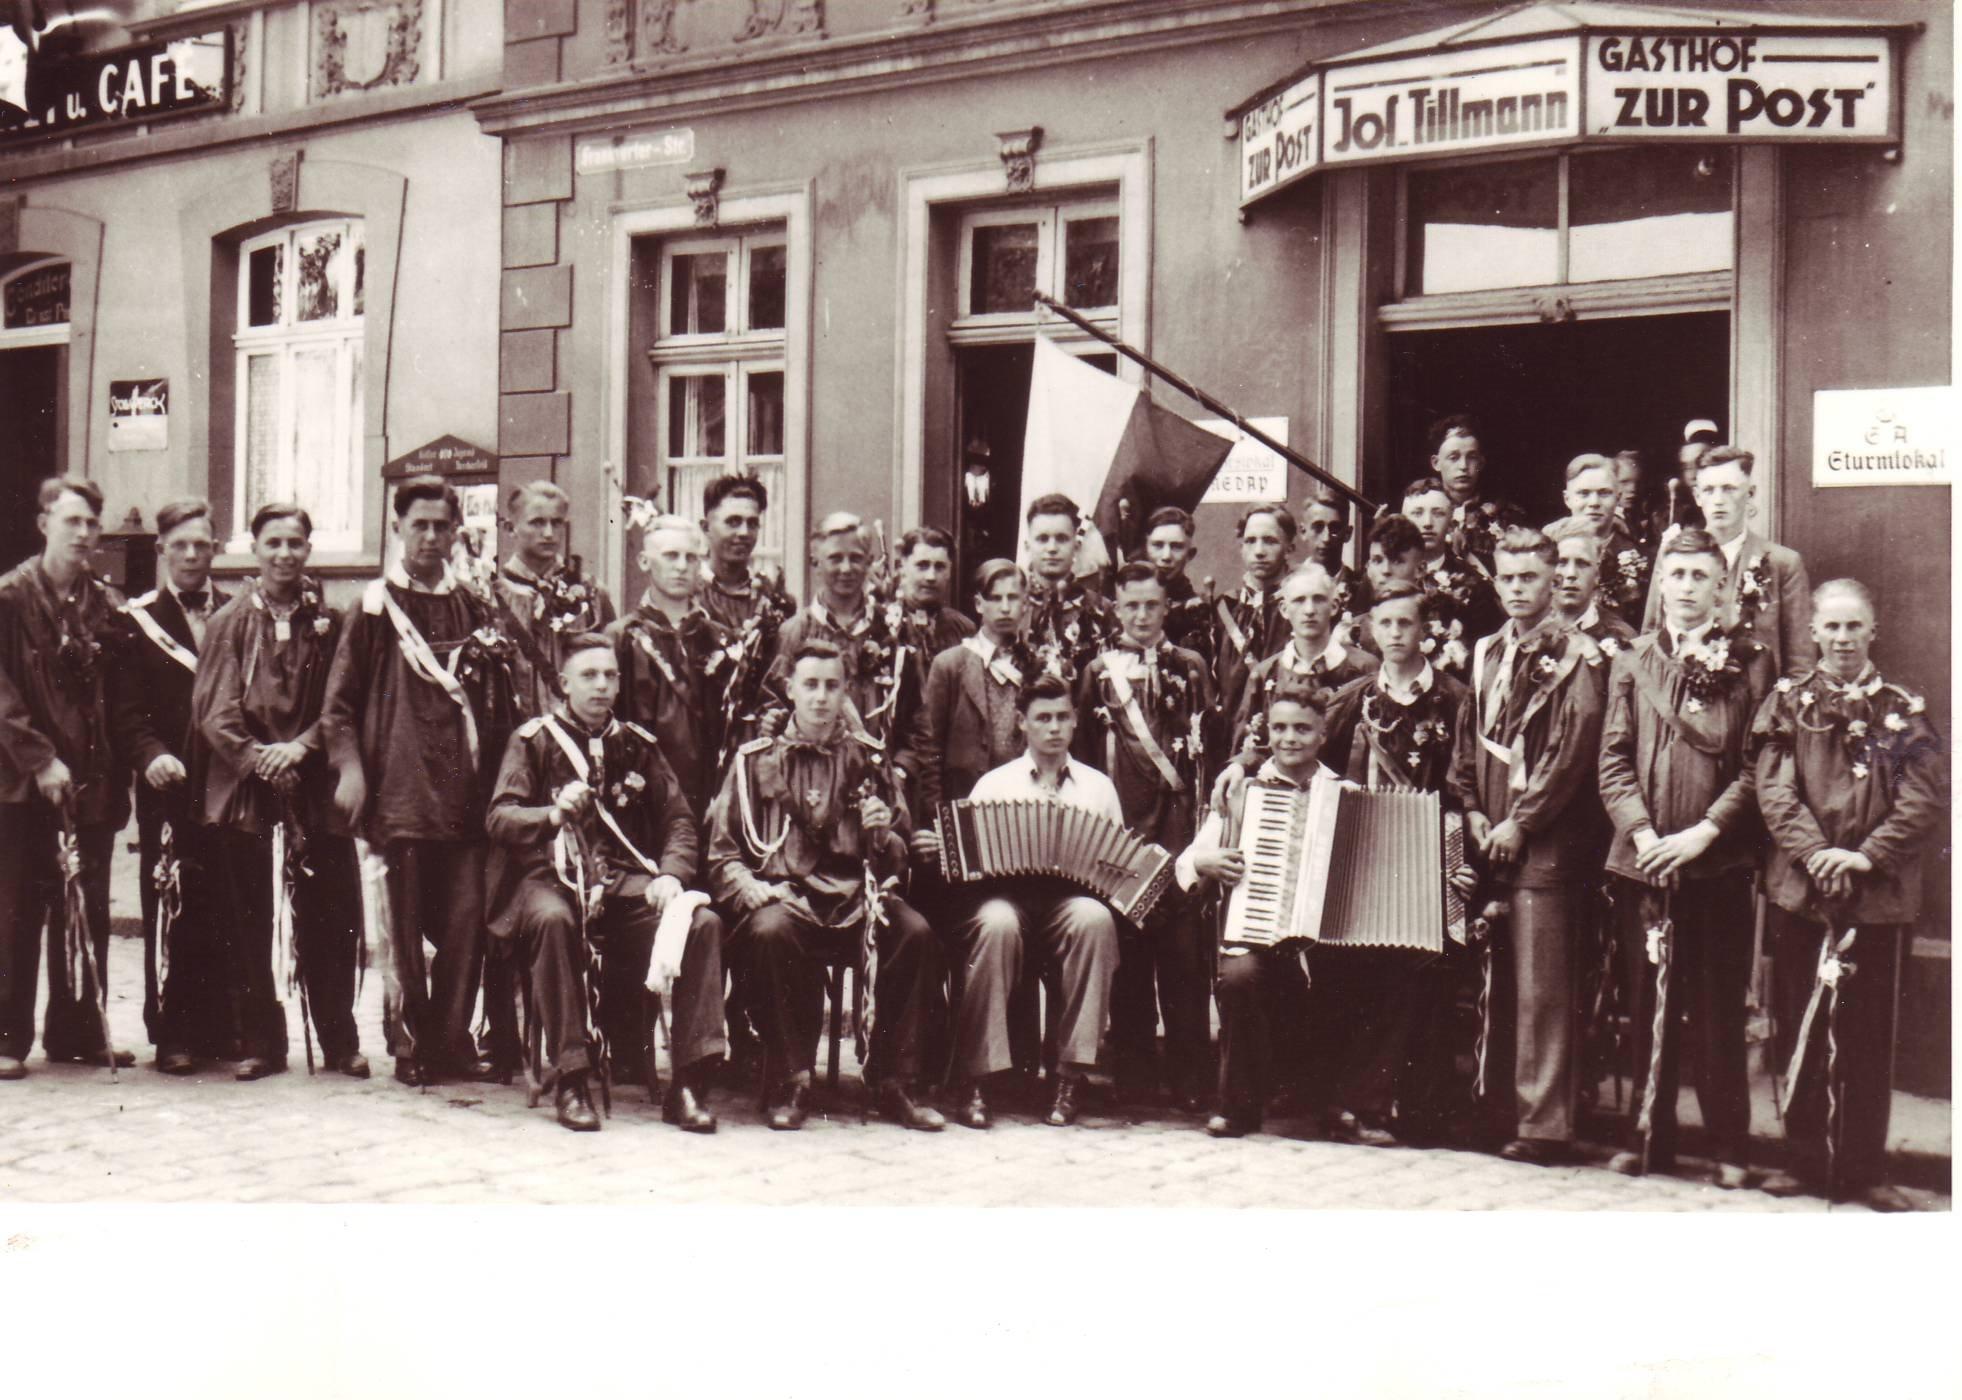 Musterungsfeier vor dem Gasthof Zur Post verm. 1942